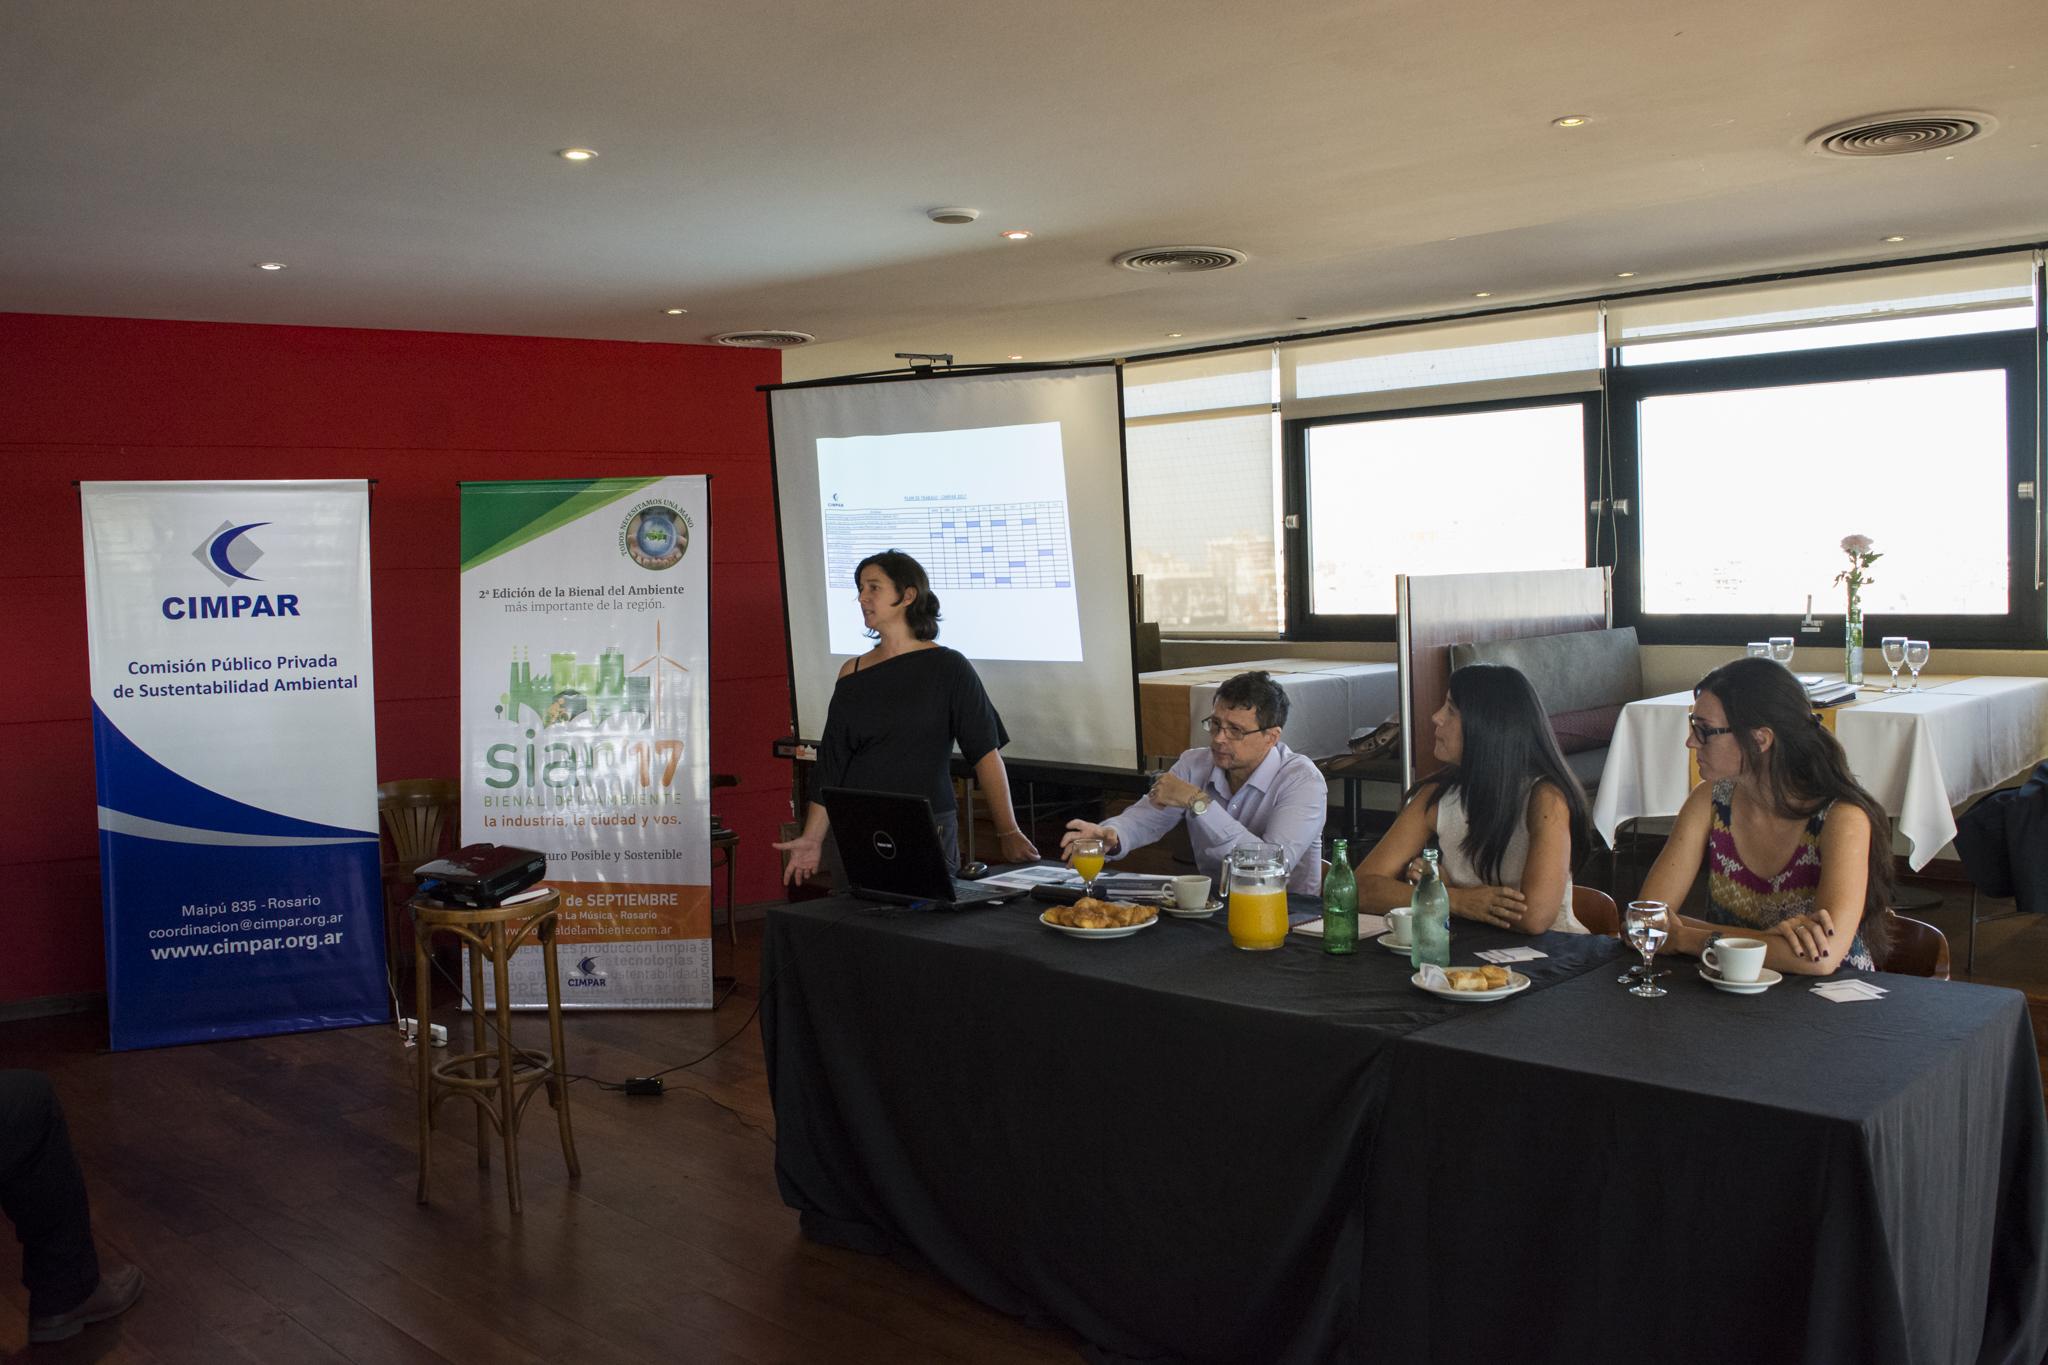 primer-encuentro-cimpar-2017_33563825172_o